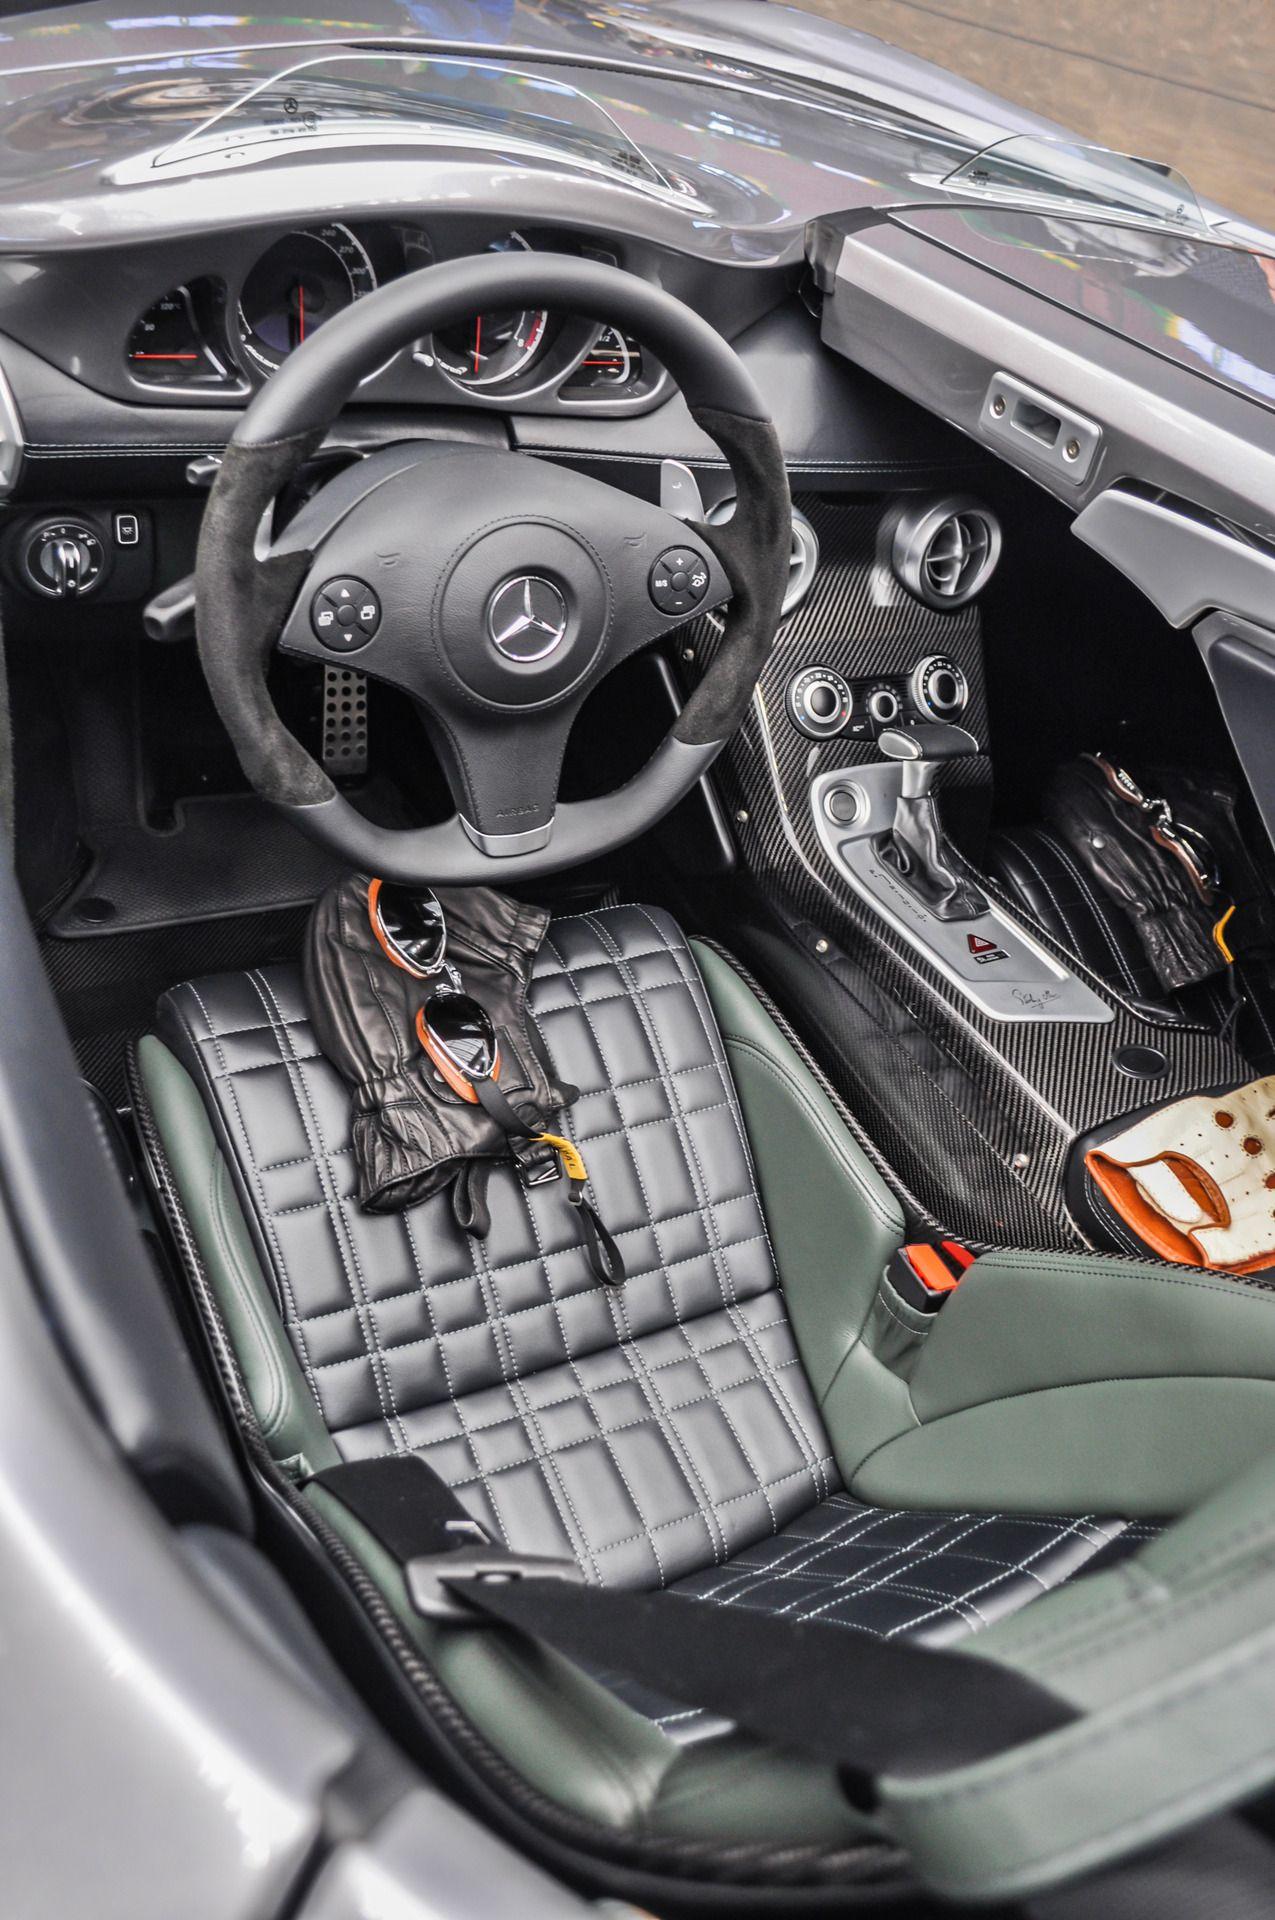 Mercedes Benz Amg Slr Stirling Moss Interior Com Imagens